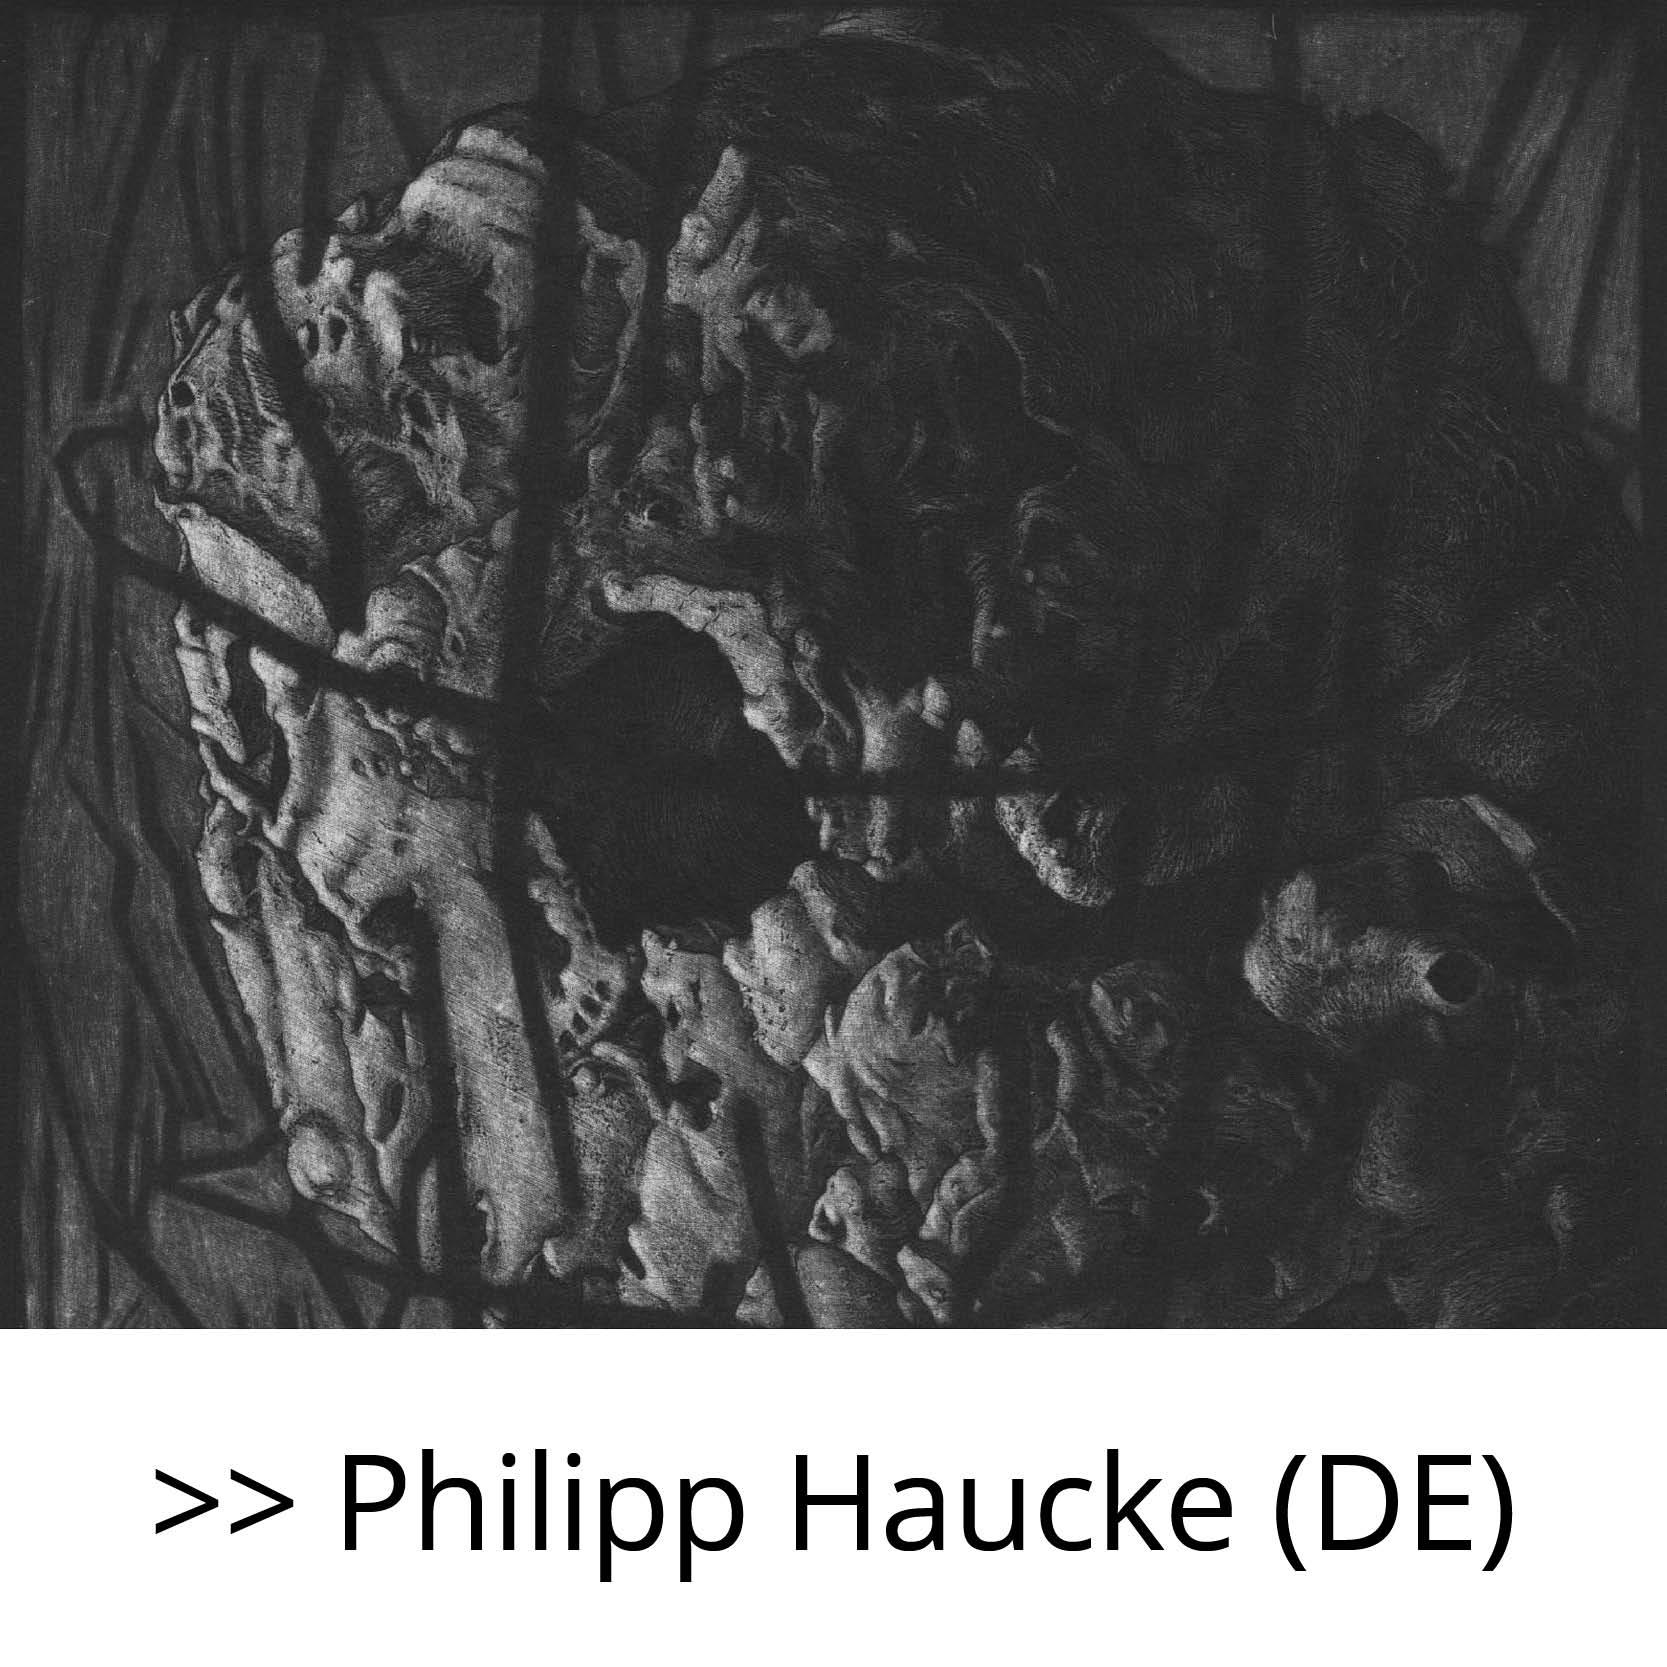 Philipp_Haucke_(DE)